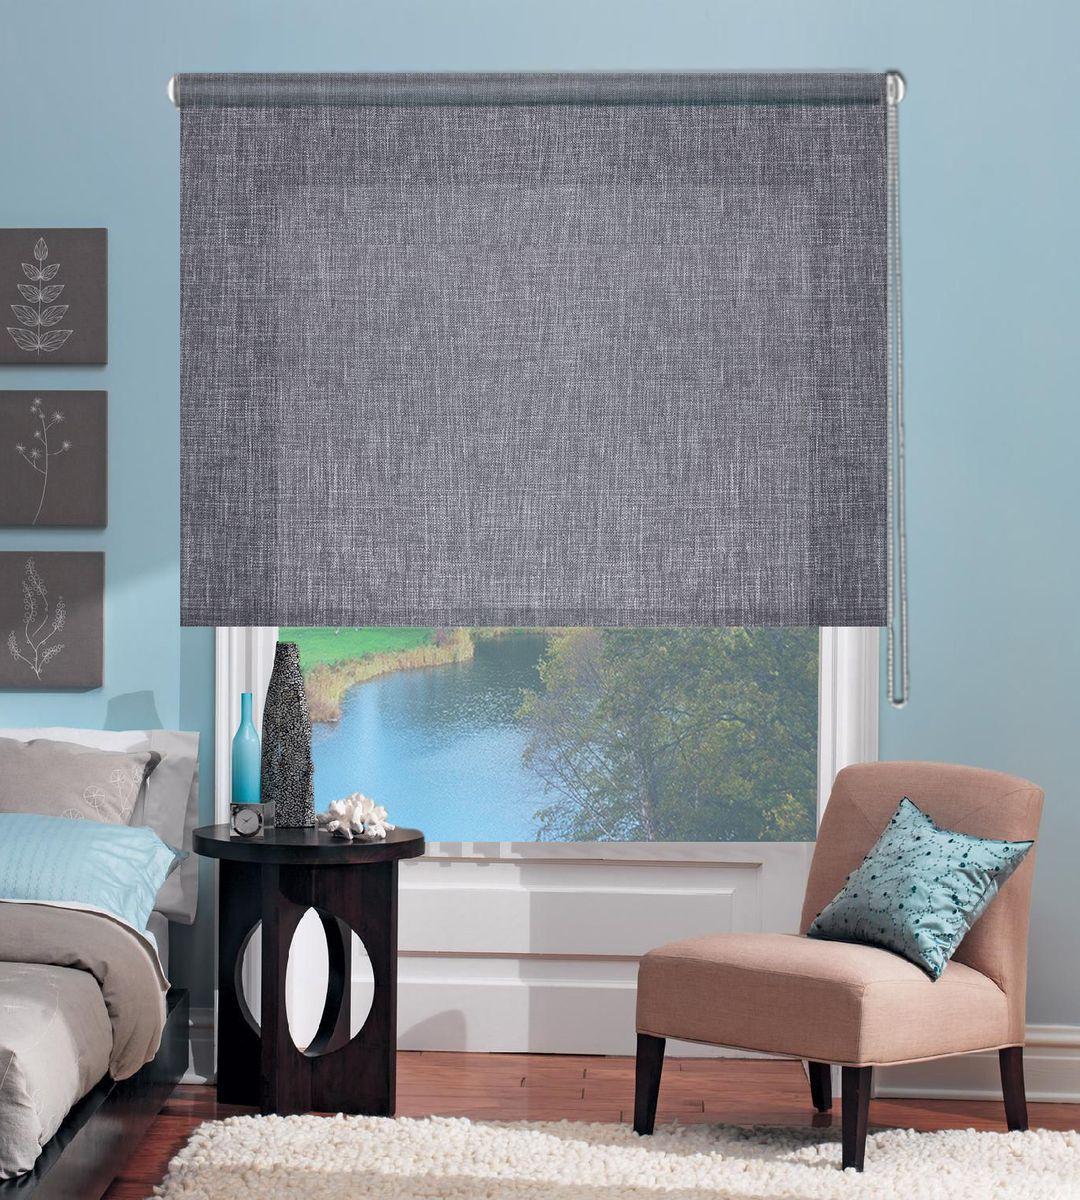 Штора рулонная Эскар Меланж, цвет: серый, ширина 80 см, высота 160 см804948080160Рулонными шторами ЭскарМеланж можно оформлять окна как самостоятельно, так и использовать в комбинации с портьерами. Это поможет предотвратить выгорание дорогой ткани на солнце и соединит функционал рулонных с красотой навесных. Преимущества применения рулонных штор для пластиковых окон: - имеют прекрасный внешний вид: многообразие и фактурность материала изделия отлично смотрятся в любом интерьере;- многофункциональны: есть возможность подобрать шторы способные эффективно защитить комнату от солнца, при этом она не будет слишком темной. - Есть возможность осуществить быстрый монтаж.ВНИМАНИЕ!Размеры ширины изделия указаны по ширине ткани! Для выбора правильного размера необходимо учитывать - ткань должна закрывать оконное стекло на 3 см.Однотонная палитра - будет идеально гармонировать в любом интерьере, сочетаться с обоями, мебелью и другими функциональными или стилевыми элементами.